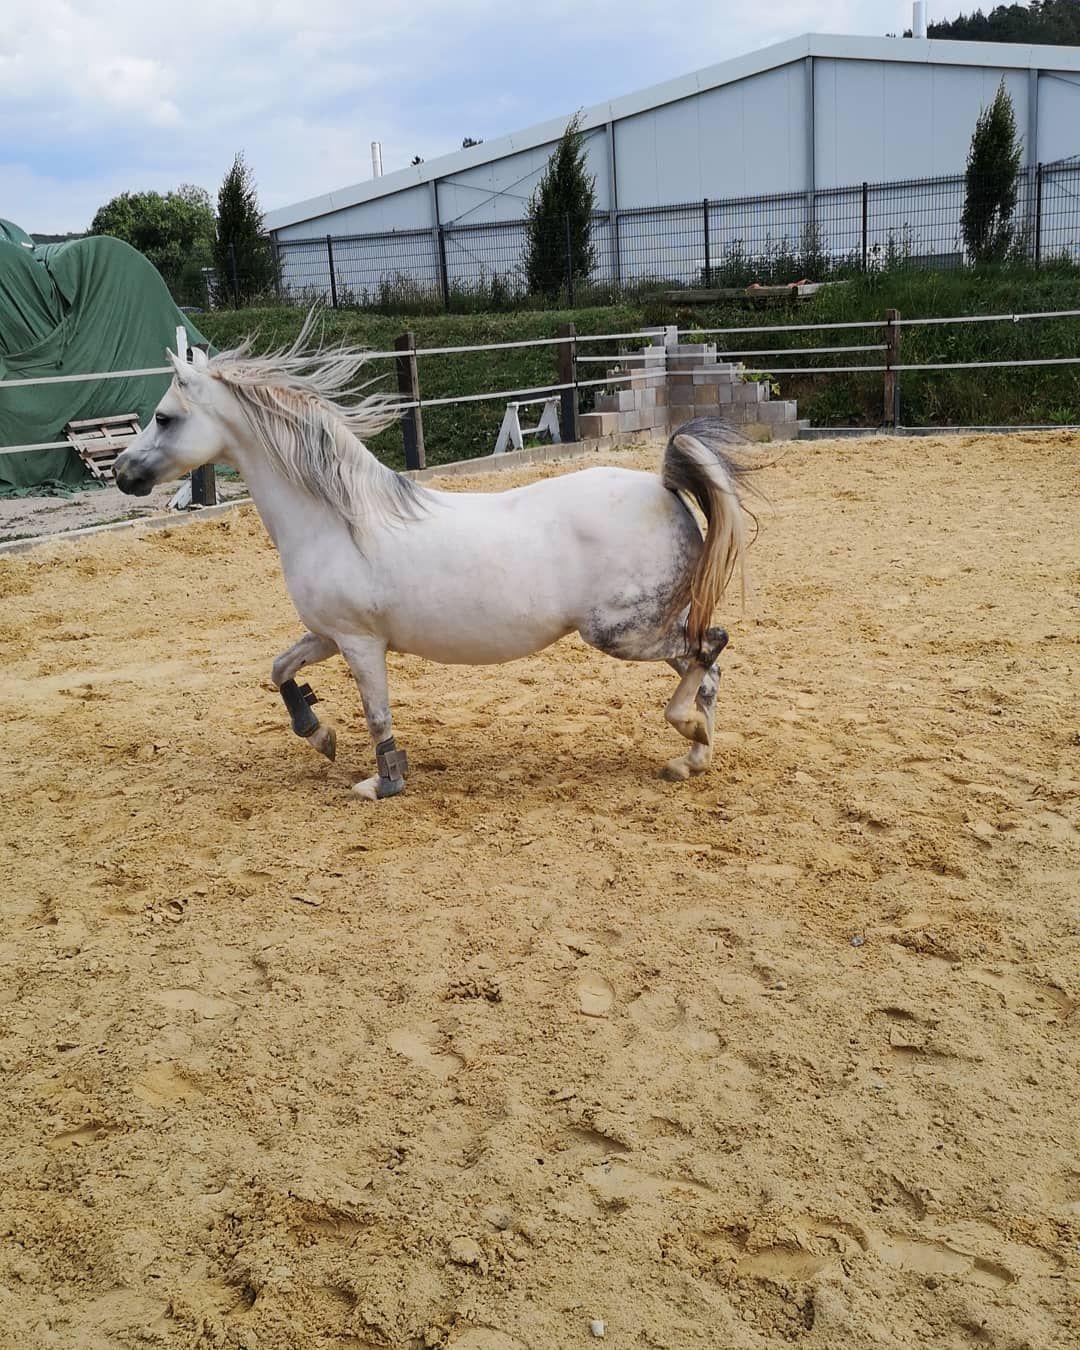 Hey Das Ist Asti Sie Ist 12 Jahre Alt Und Ein Welsh A Pony Sie Ist